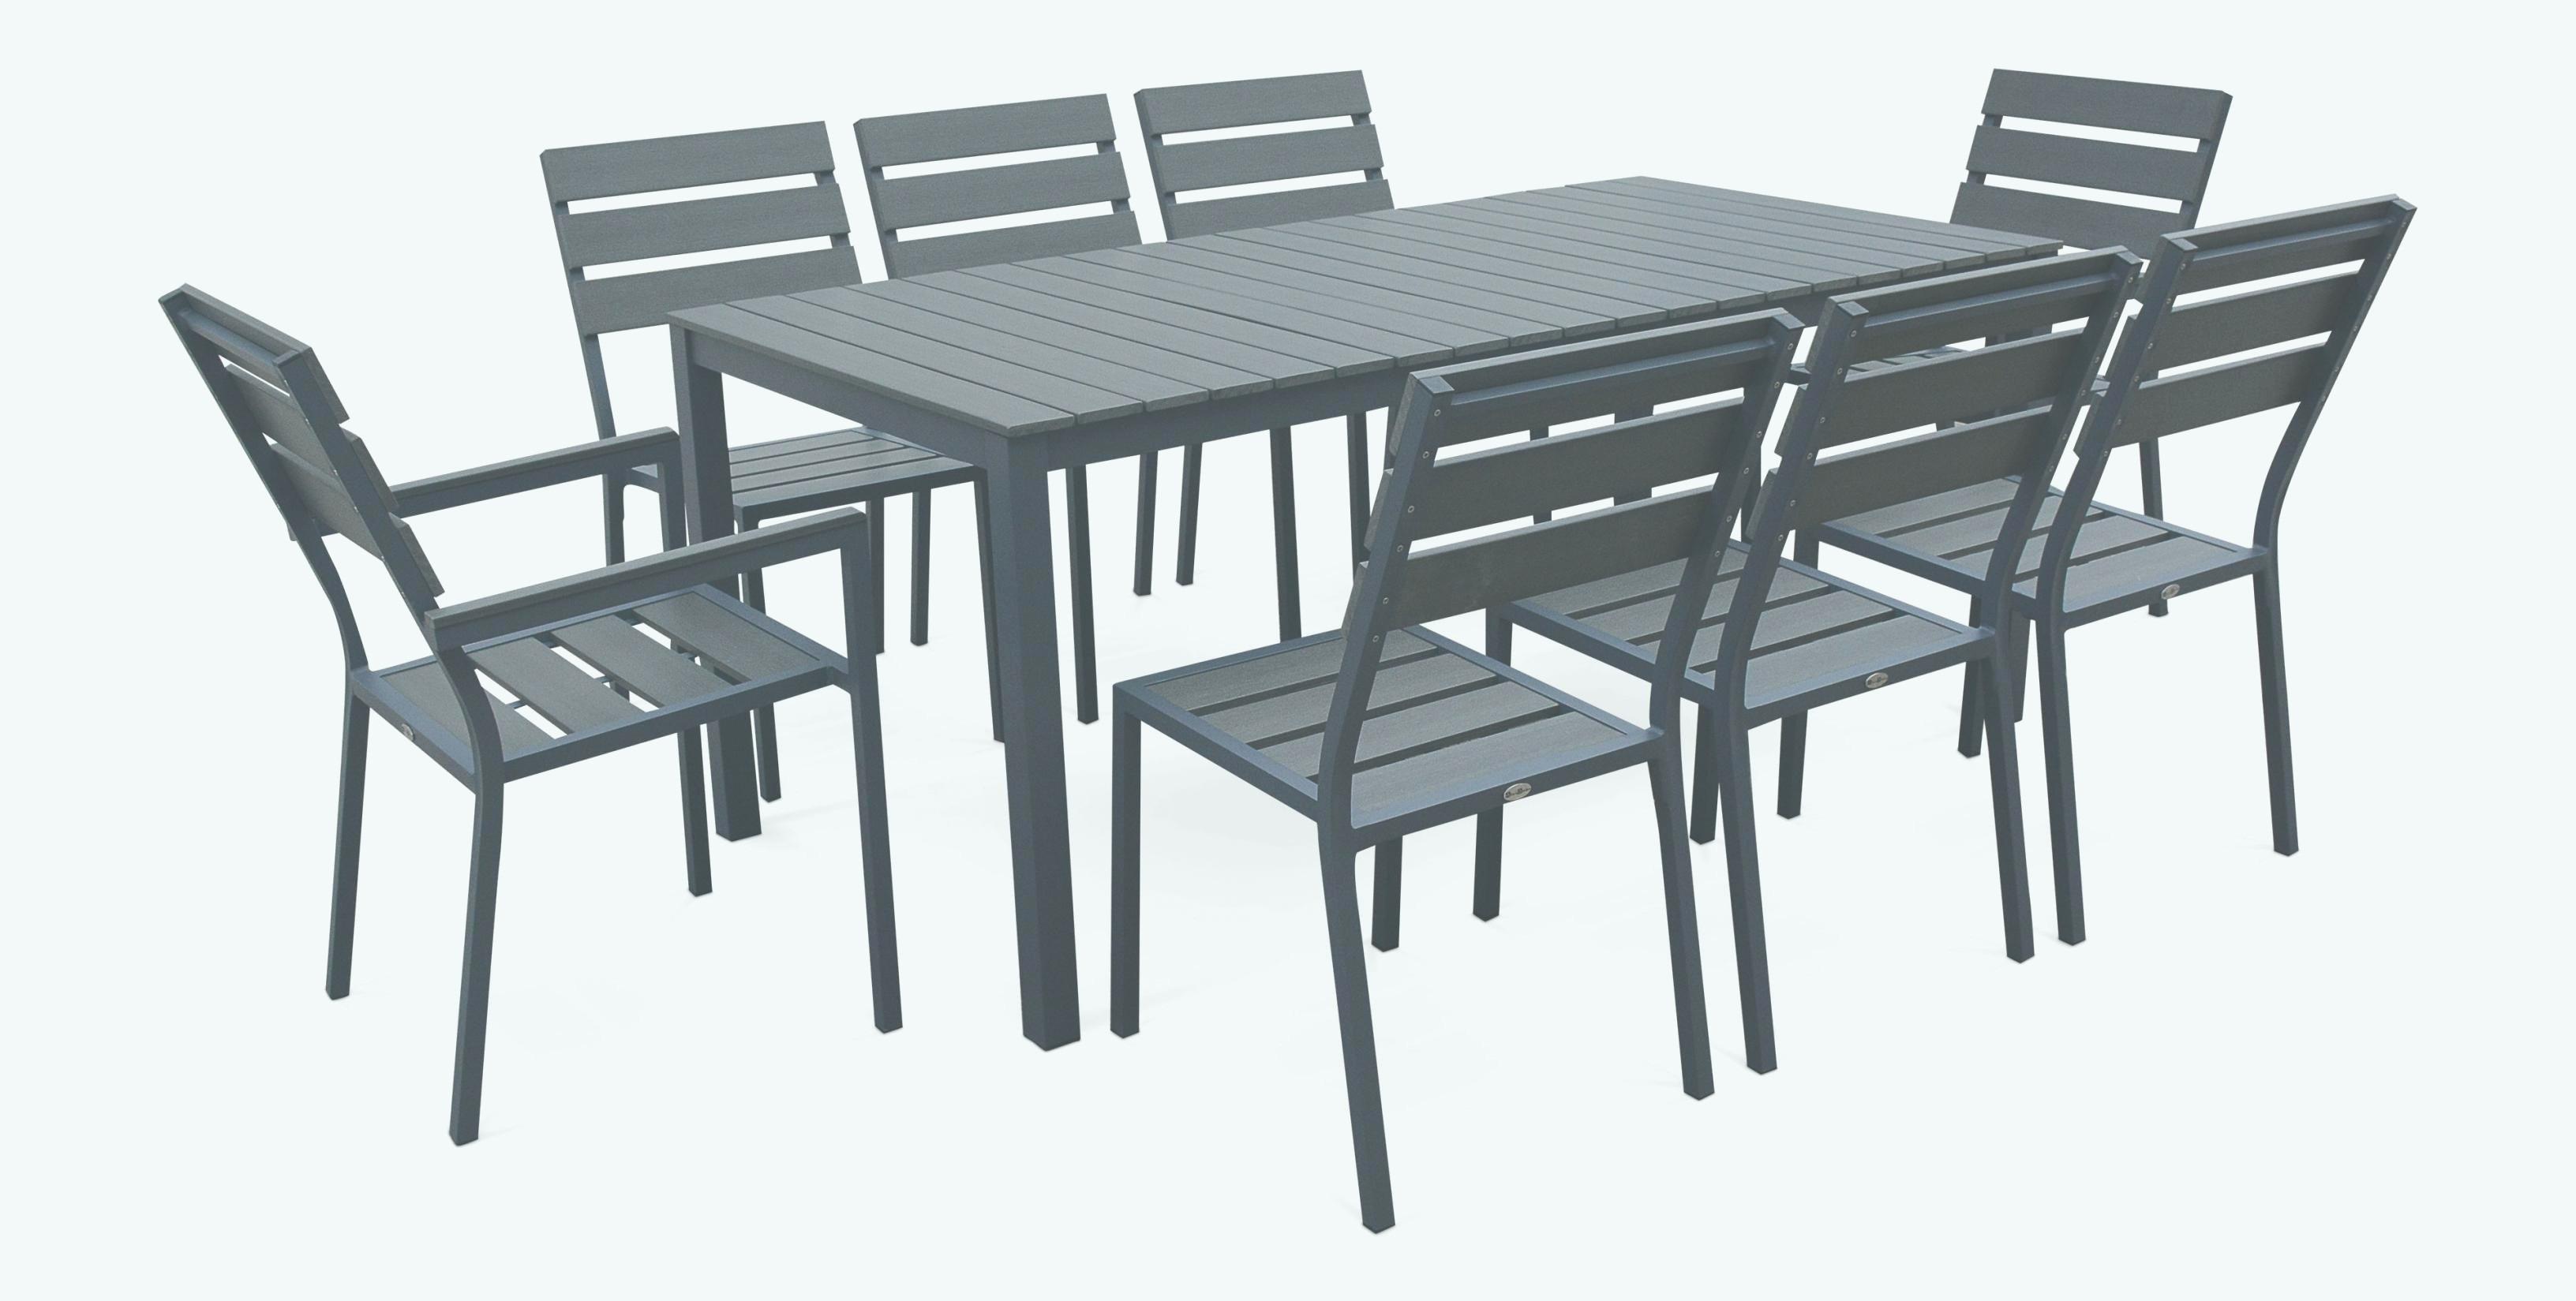 Table et chaise de jardin plastique castorama veranda - Table et chaise de jardin plastique ...